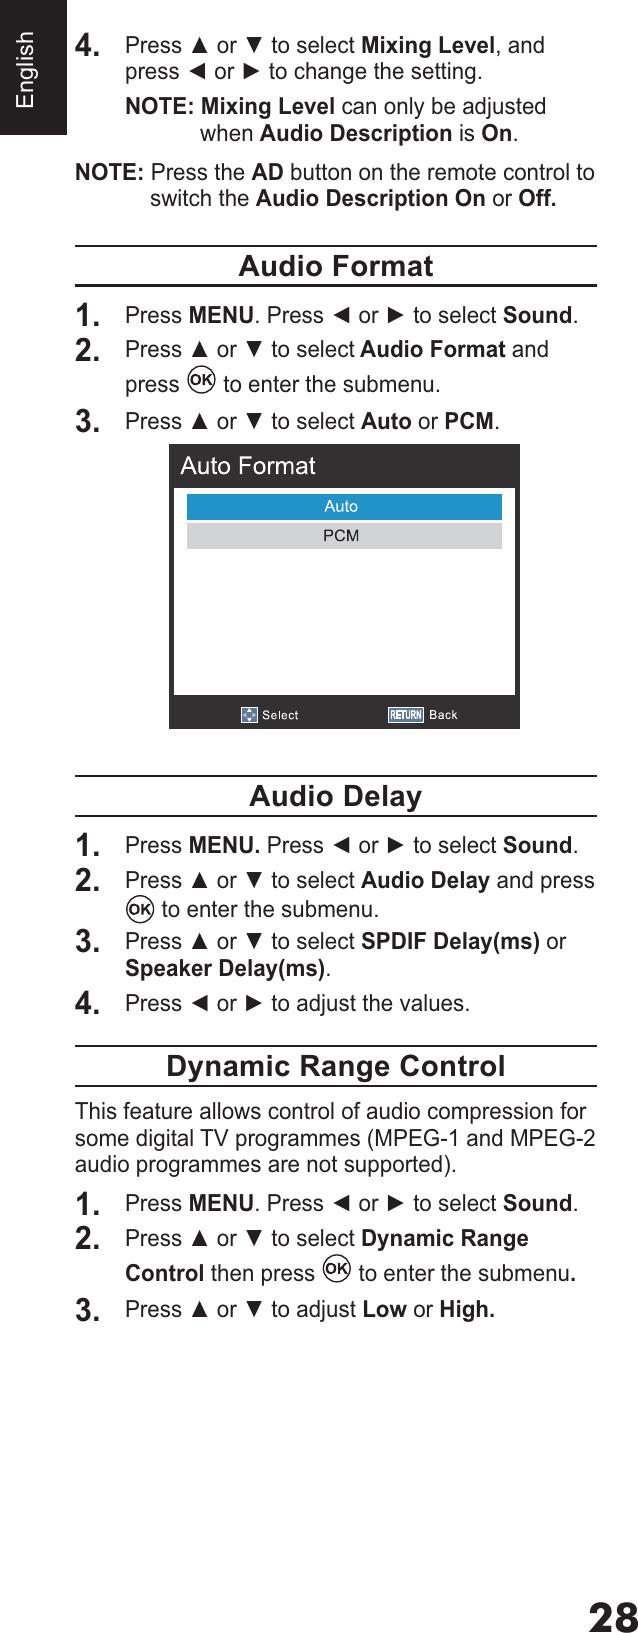 Toshiba L2456 40 Users Manual (DG)_L24 EN Website 1013